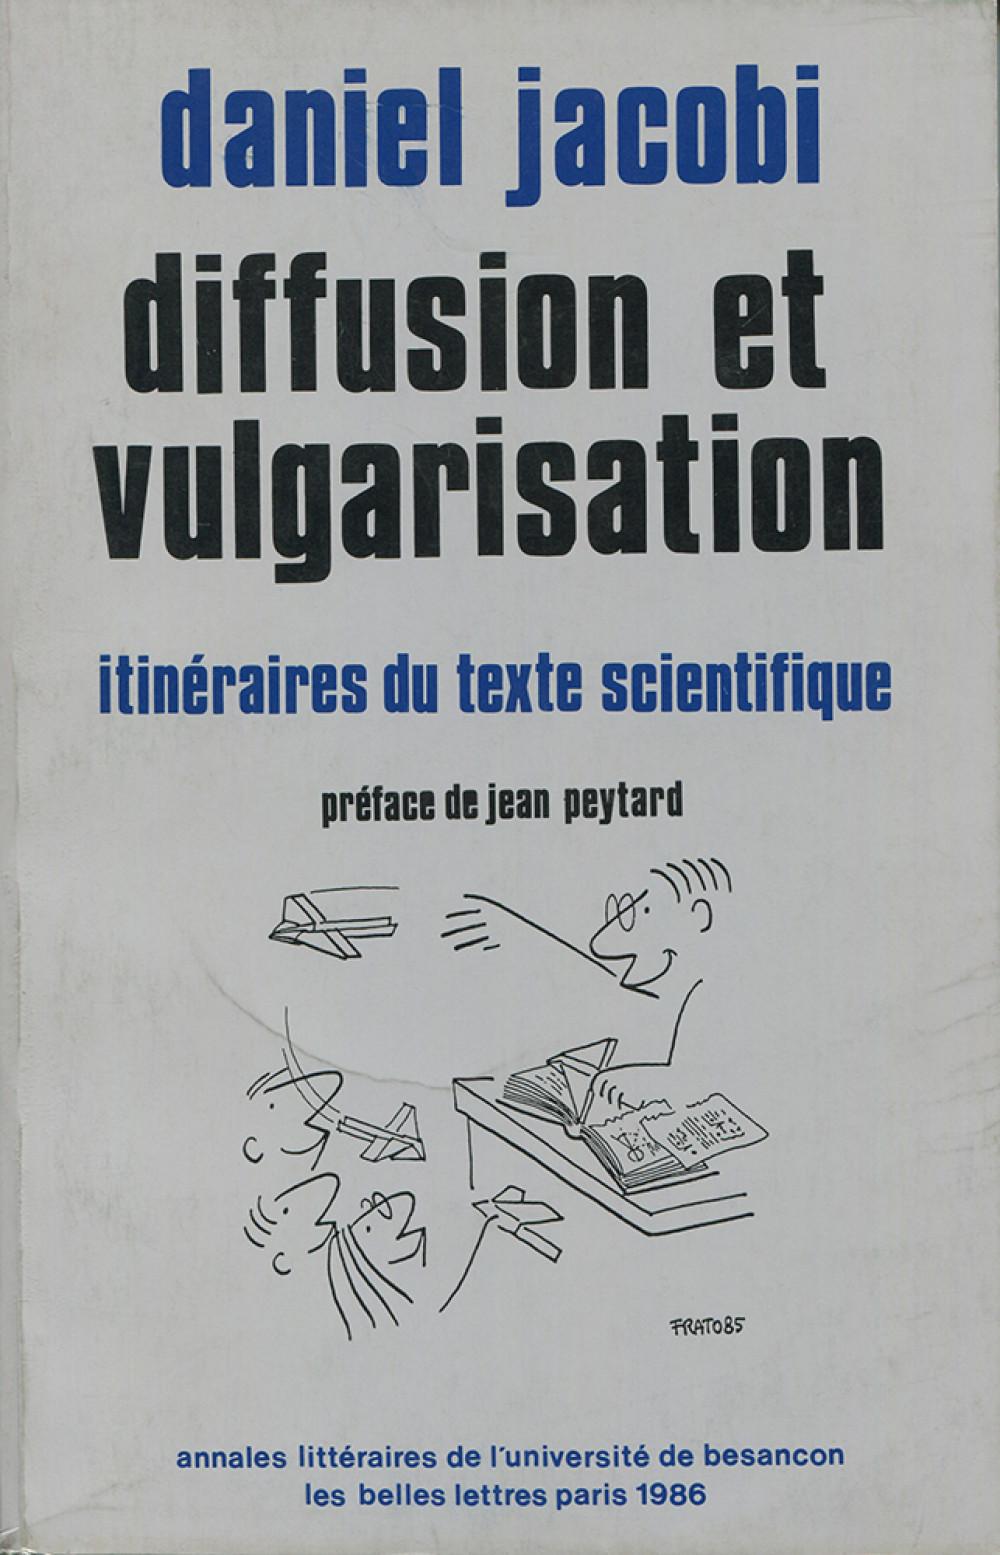 Diffusion et vulgarisation